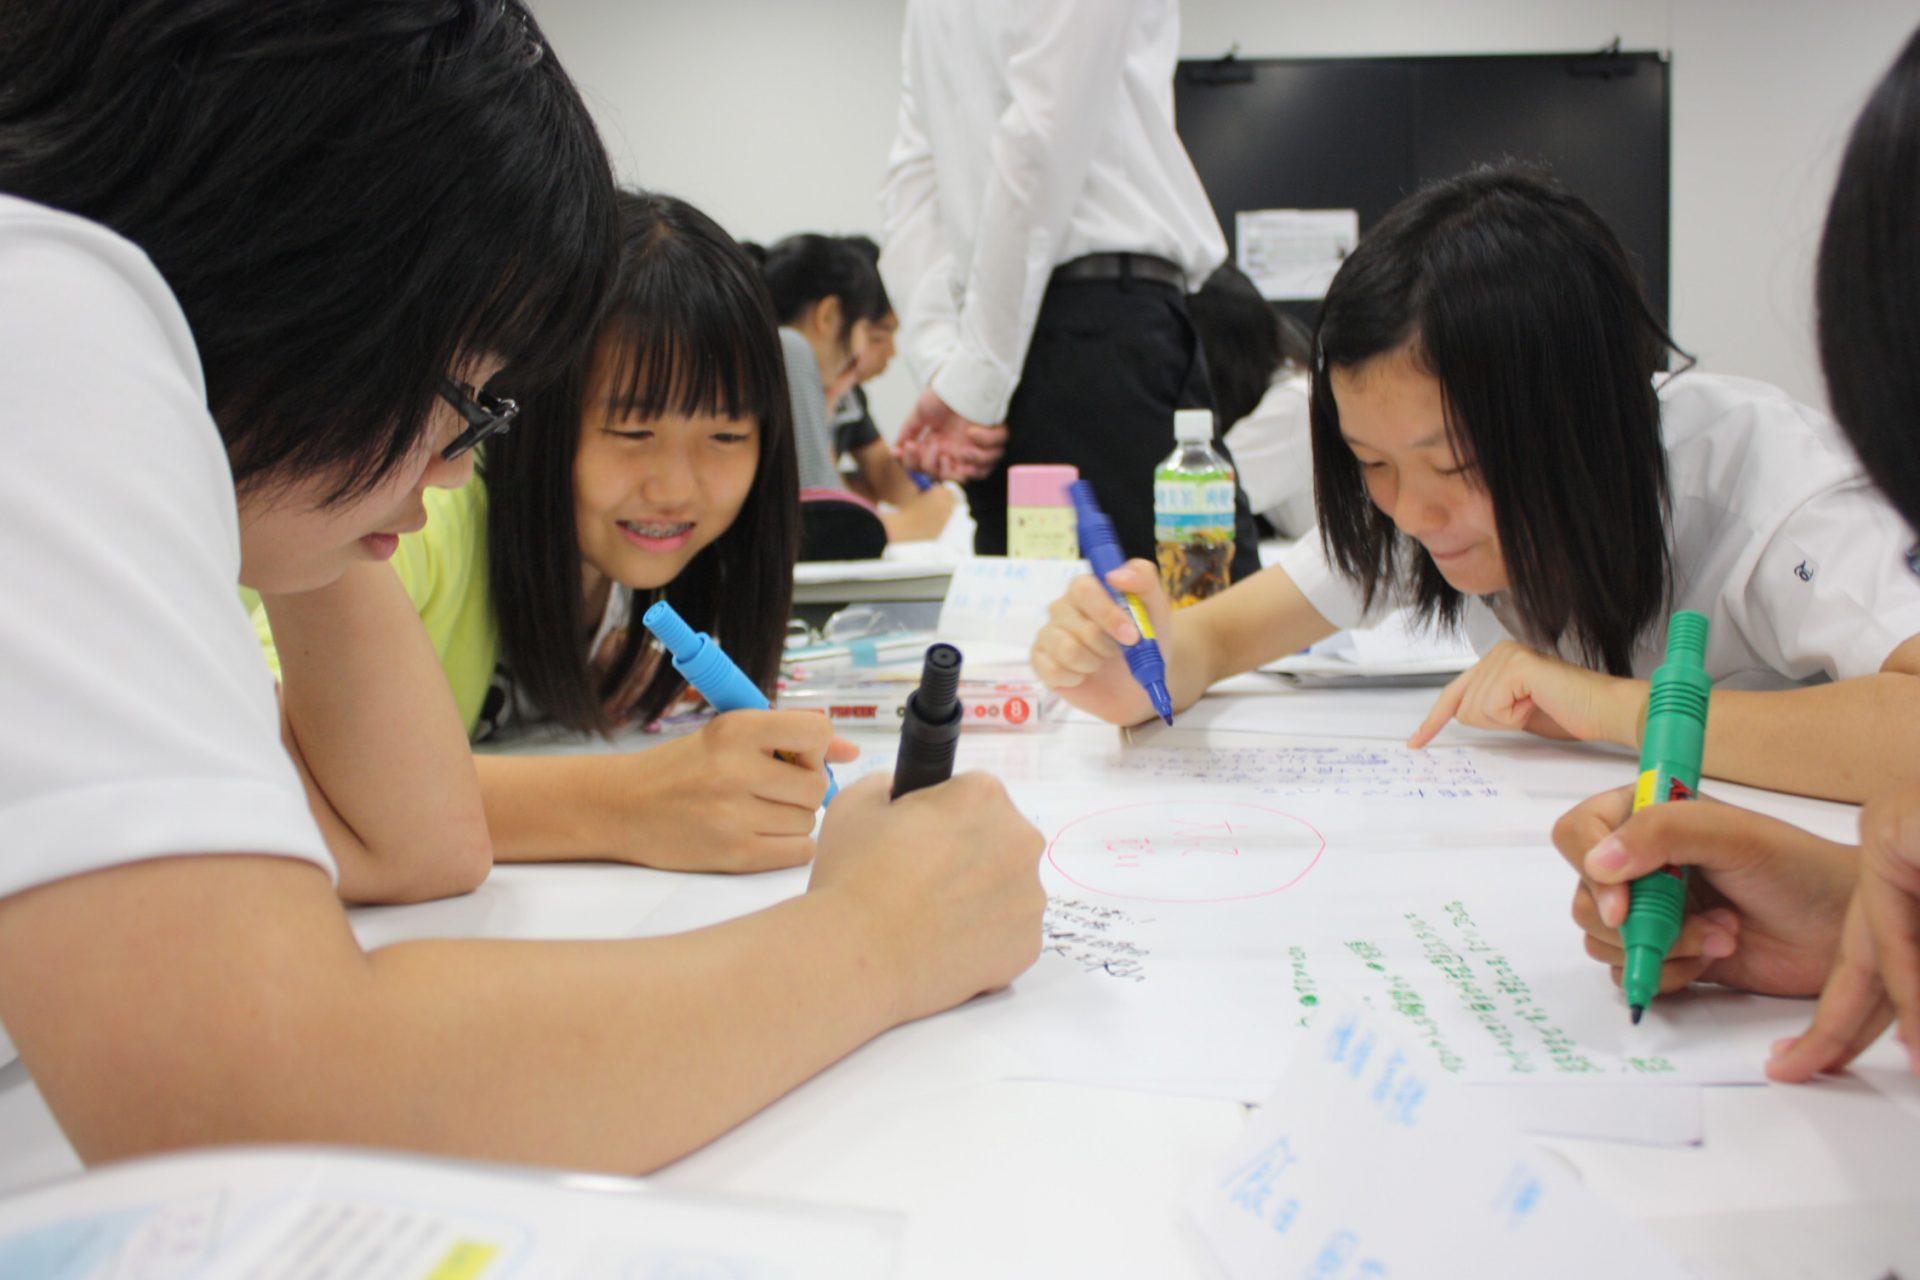 事前事後学習を通して、高校生たちは自らの主体性をはぐくんでいく。 NPO法人アスクネット実施の「心起動インターンシップ」